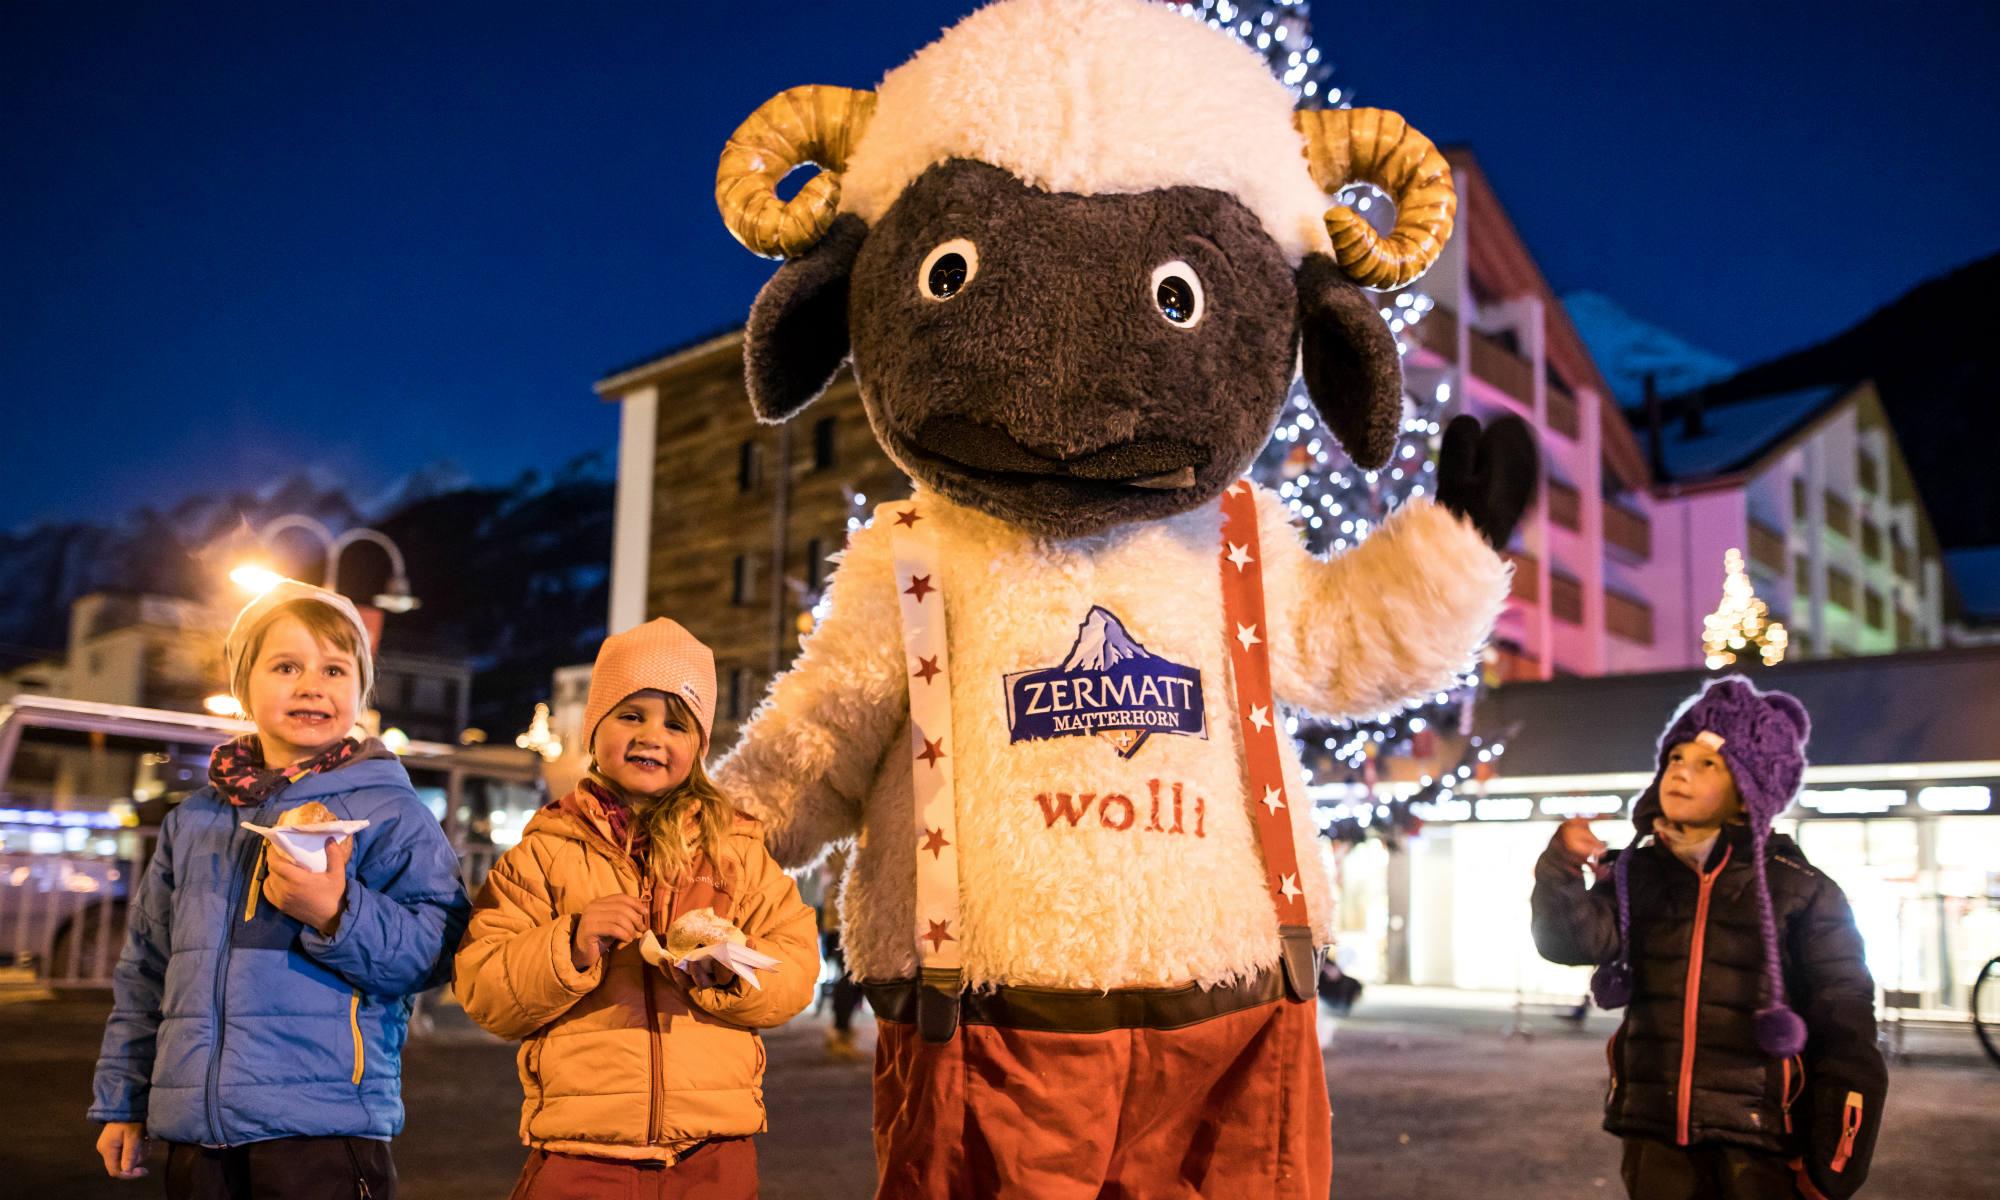 Das Maskottchen Wolli und drei Kinder bei der Weihnachtsfeier im Skigebiet Zermatt.